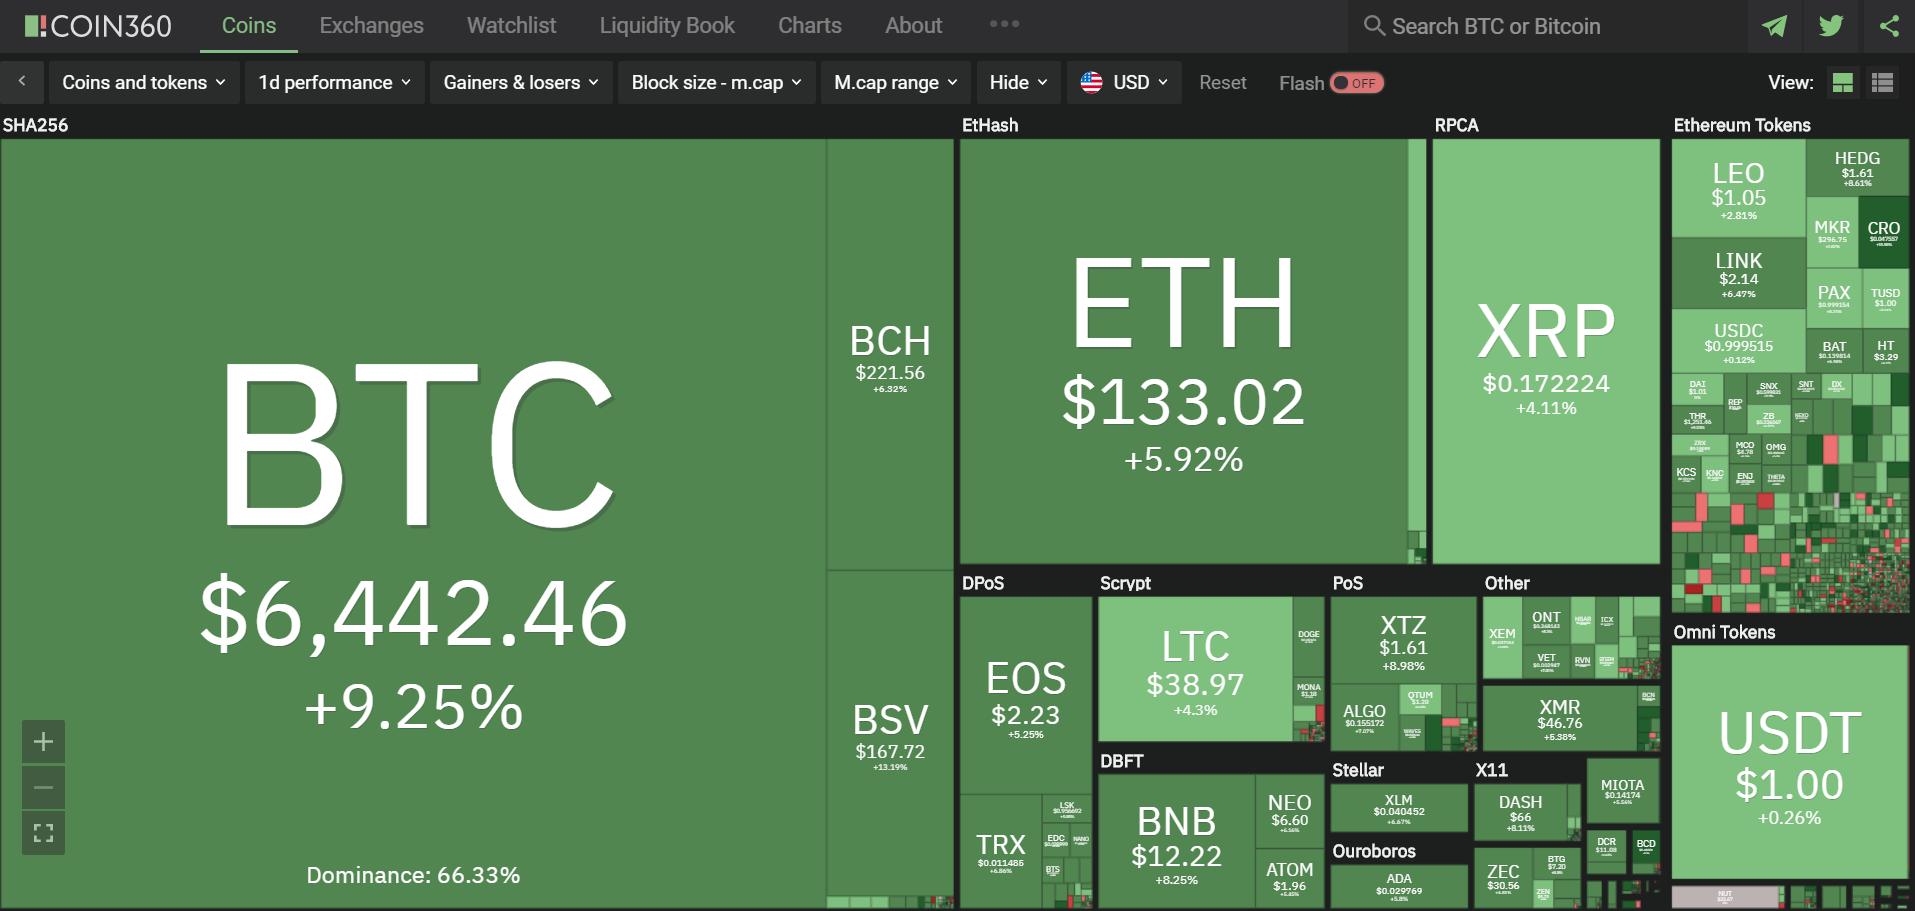 Toàn cảnh thị trường tiền kĩ thuật số hôm nay (31/3) (Nguồn: Coin360.com)